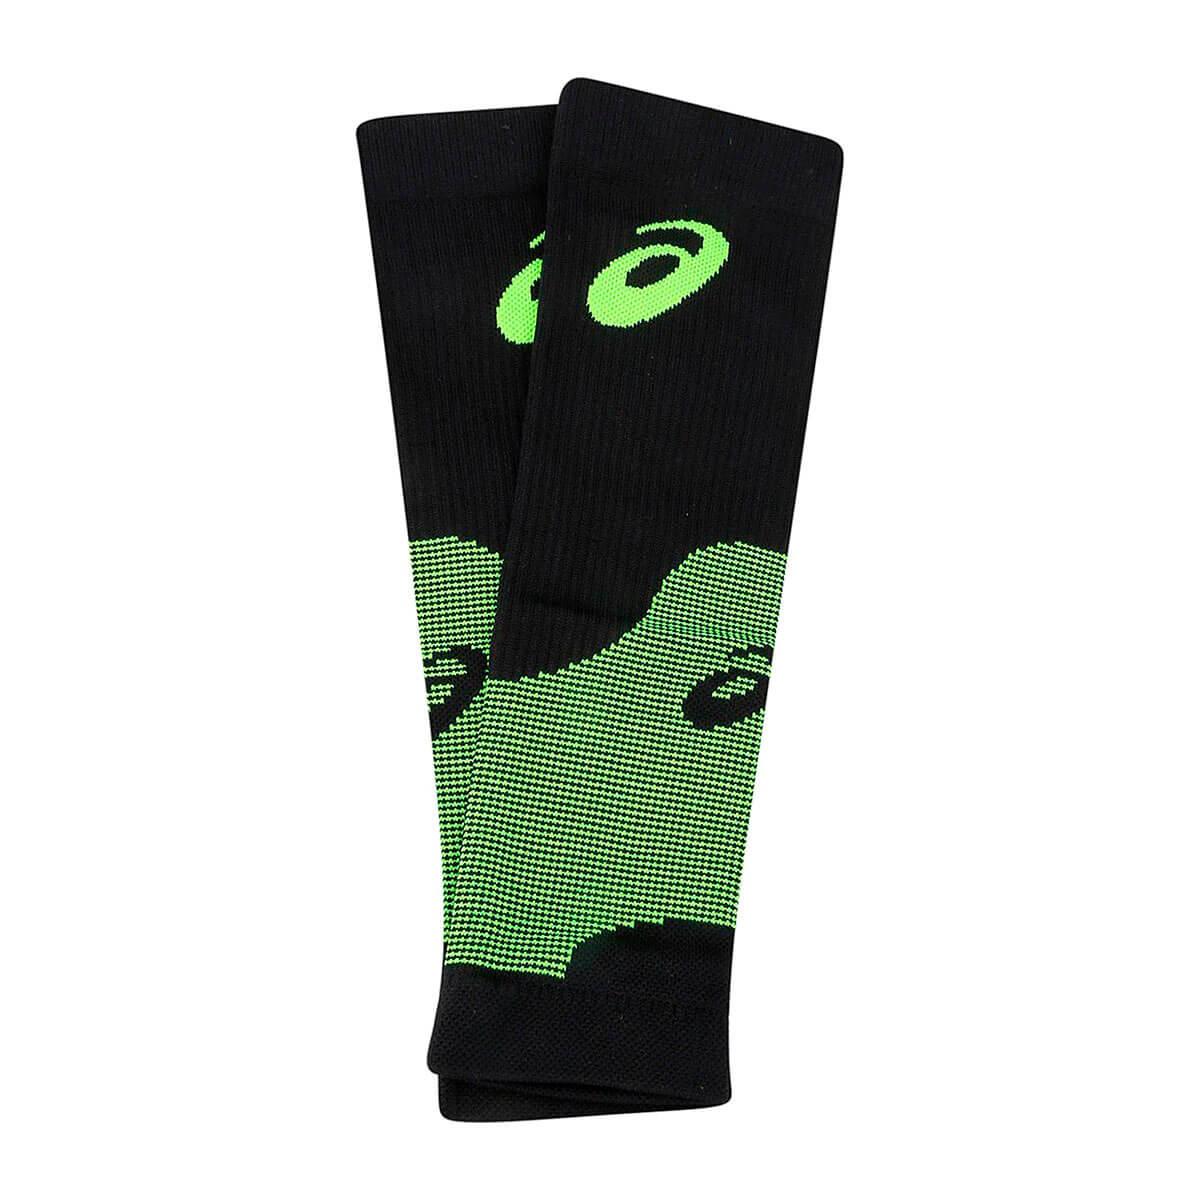 Canelito de Compressão Asics Leg Sleeves Preto Verde